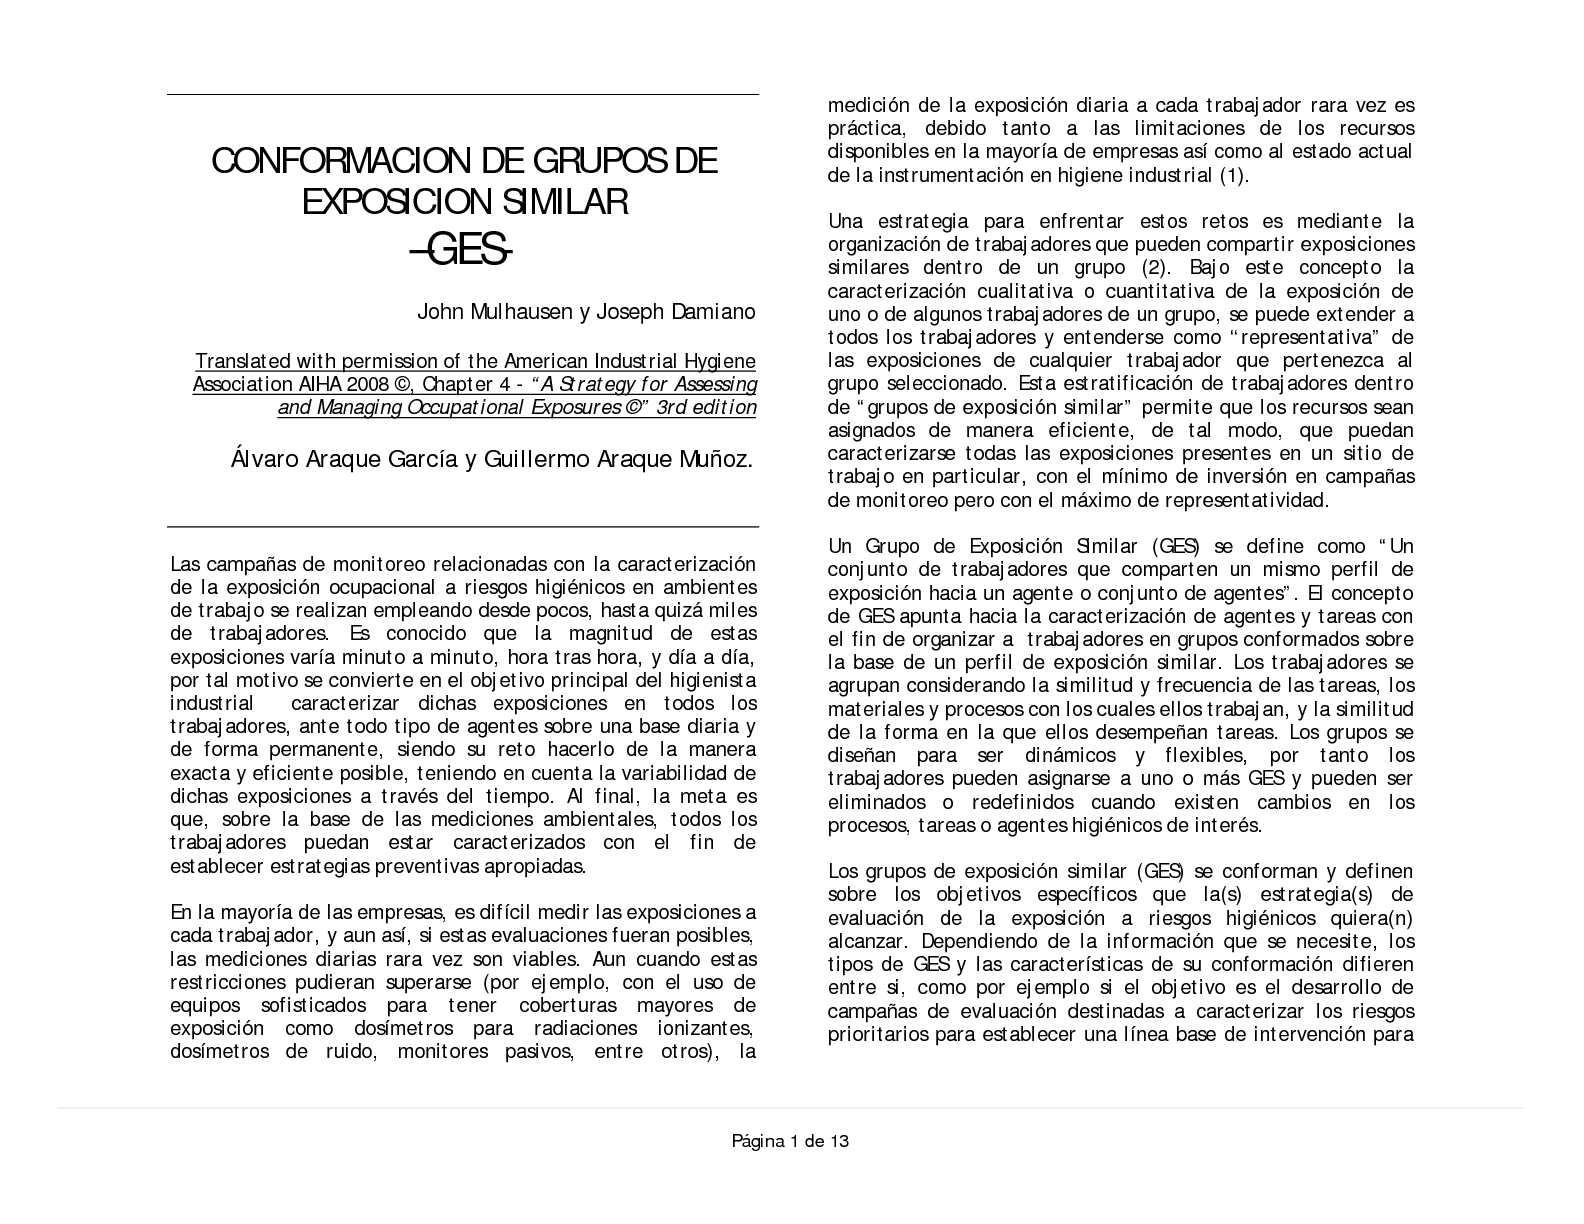 CONFORMACION DE GRUPOS DE EXPOSICION SIMILAR –GES